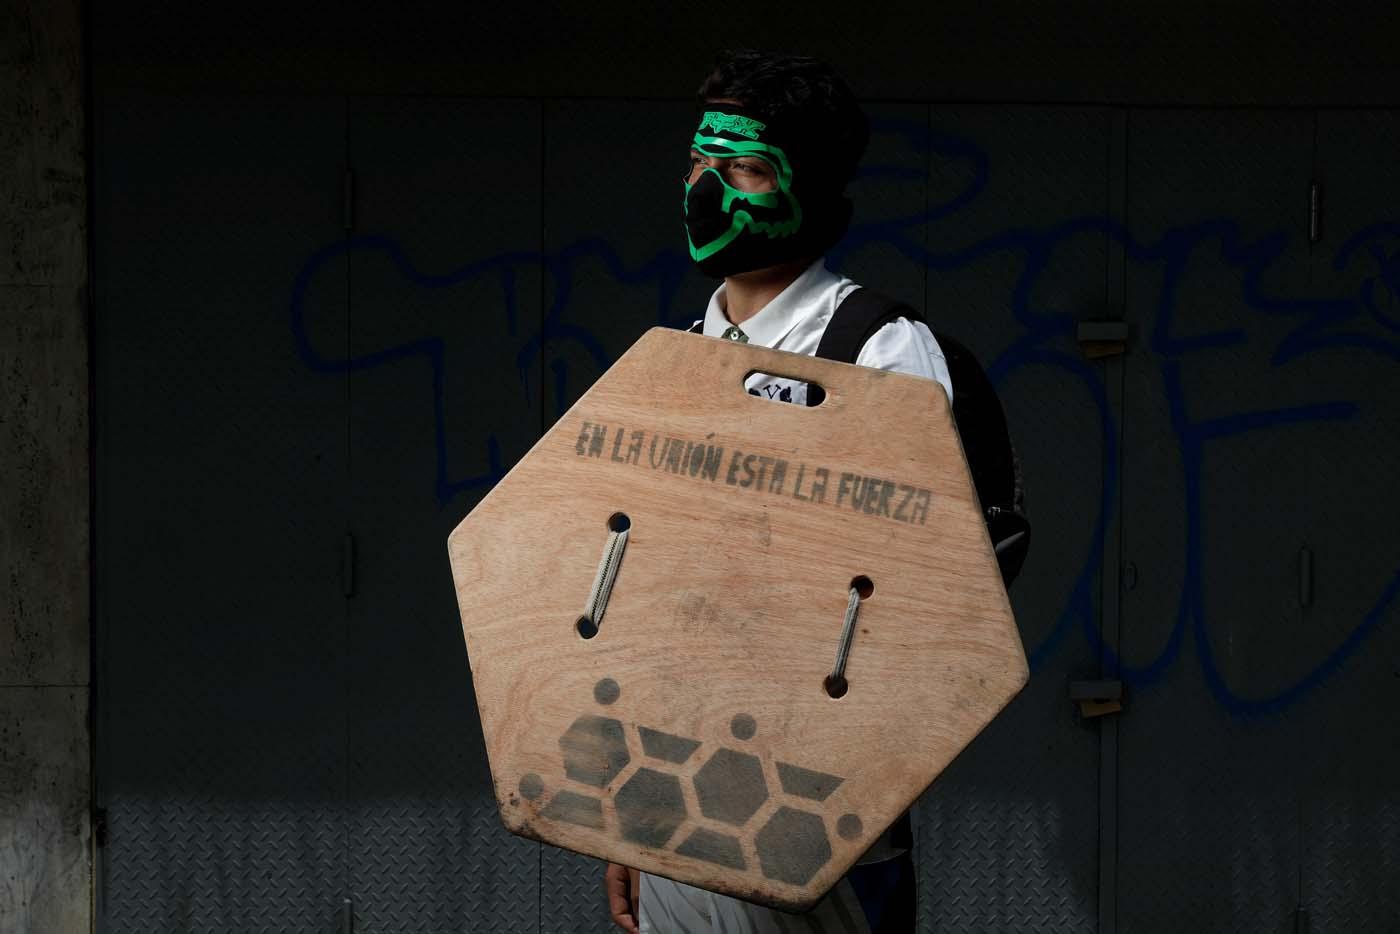 Los muchachos elaboran sus escudos con antenas parabólicas, tapas de alcantarillas, pedazos de barriles o cualquier trozo de metal o madera que tengan a la mano REUTERS/Carlos Garcia Rawlins